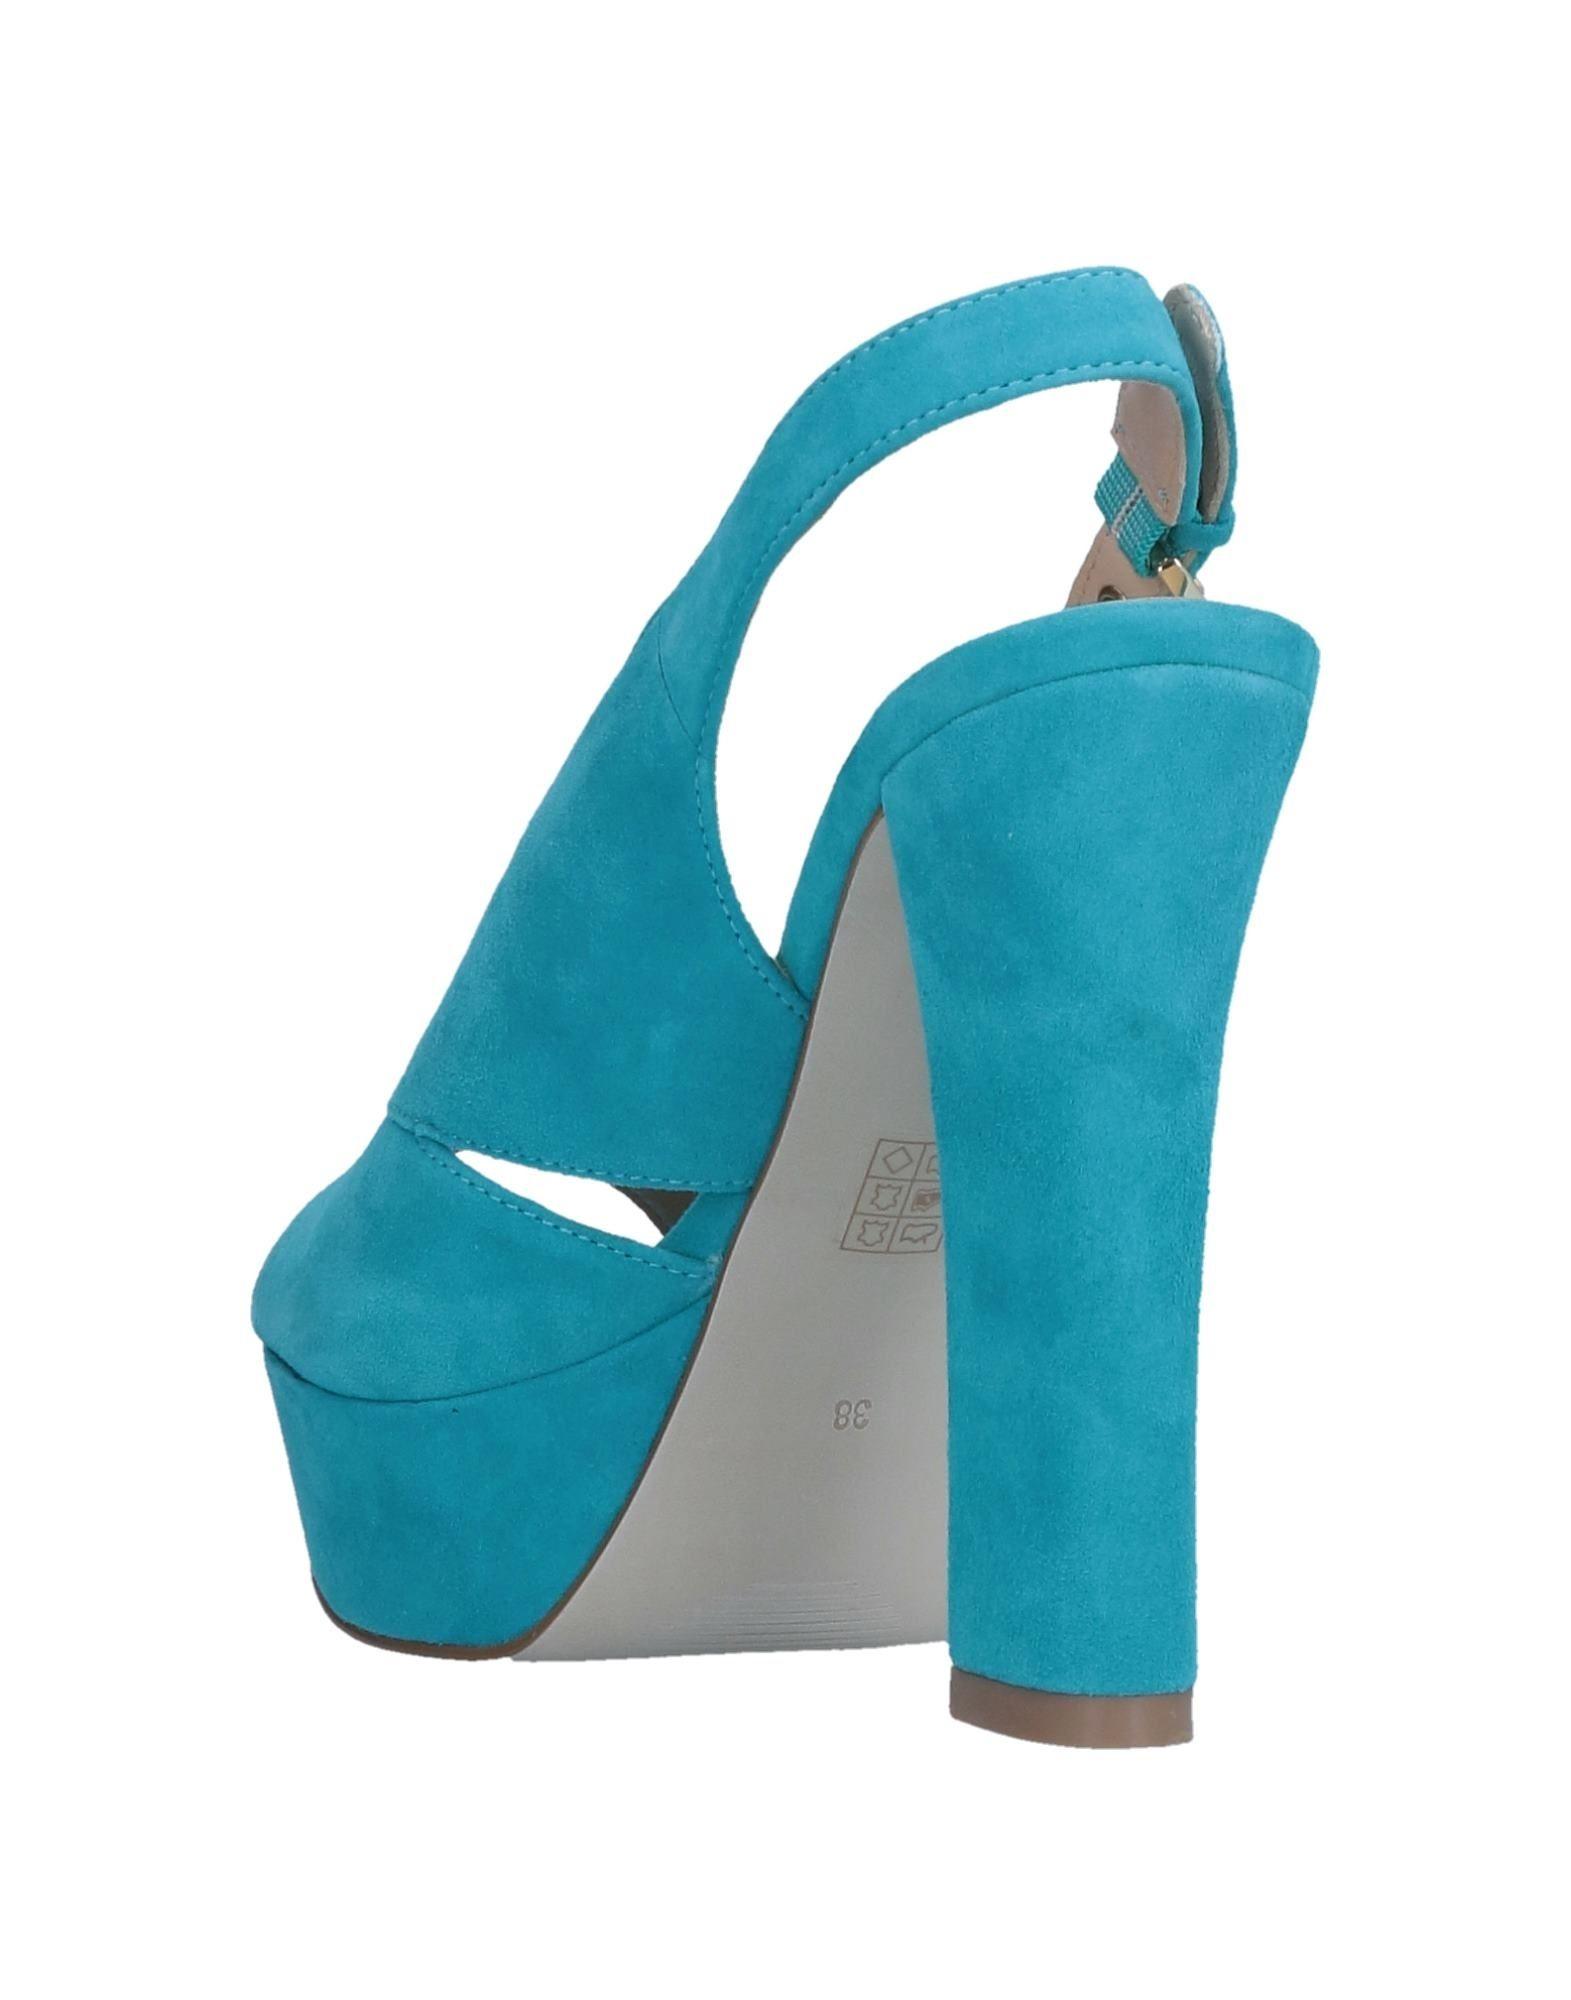 Klassischer Gutes Stil-1876,Guess Sandalen Damen Gutes Klassischer Preis-Leistungs-Verhältnis, es lohnt sich 07976f